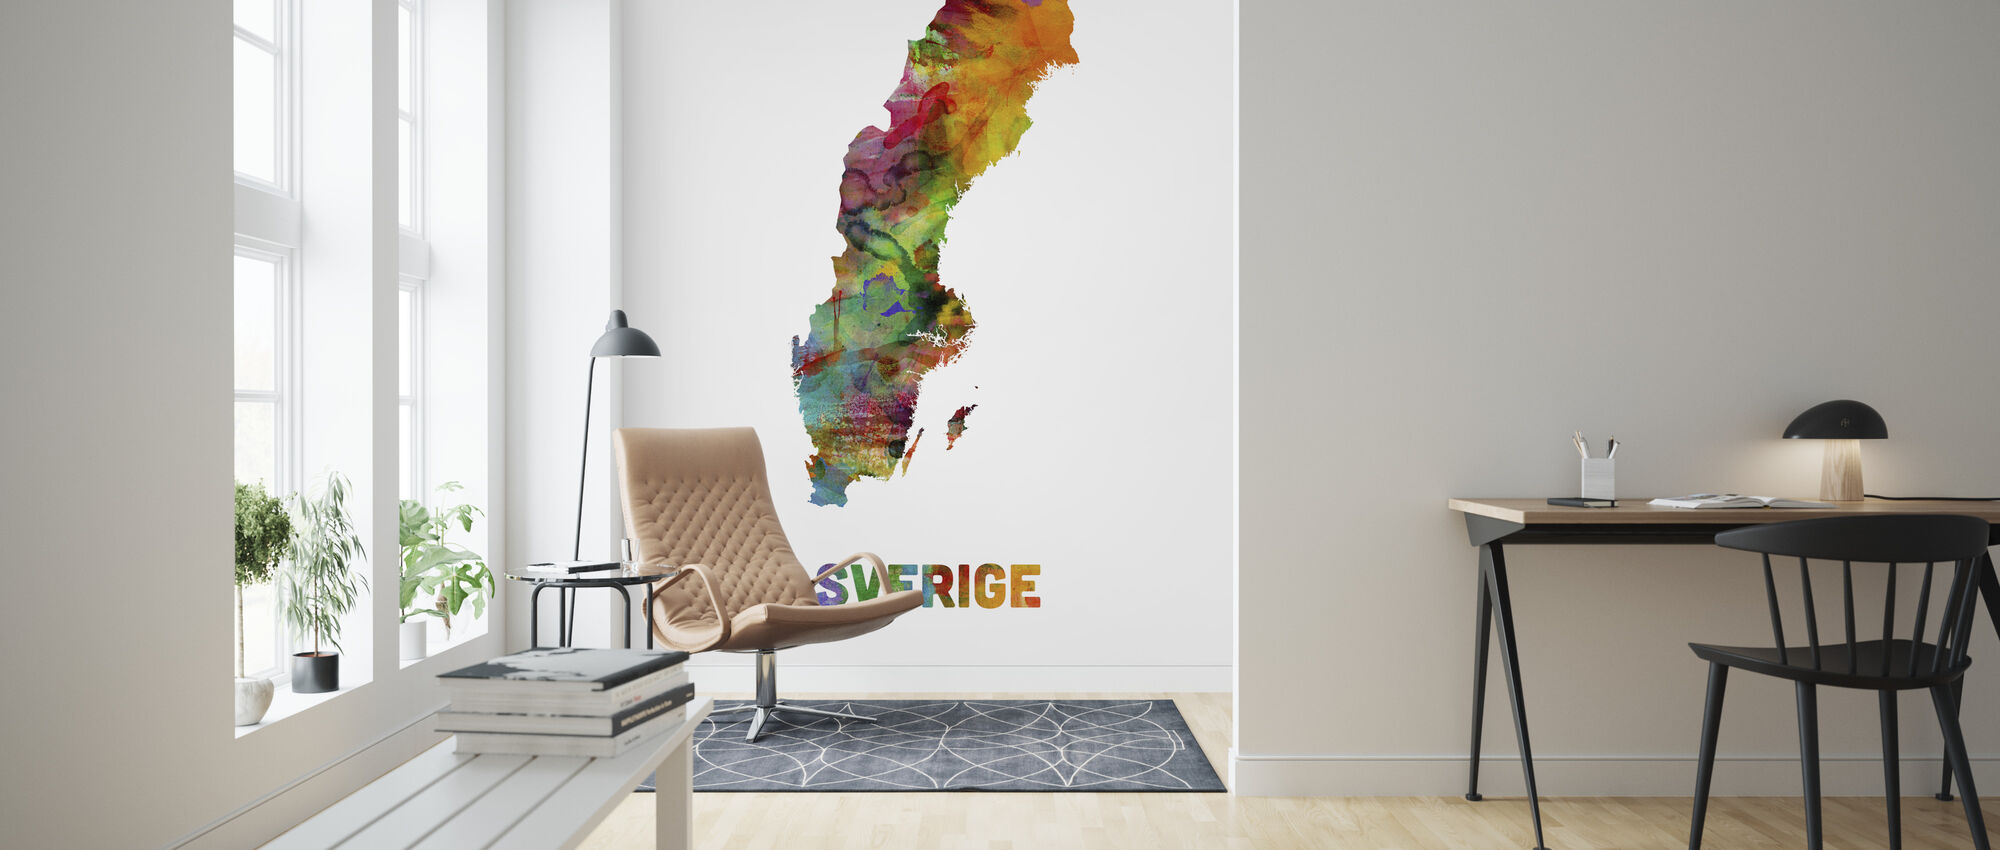 Sweden Watercolor Map - Wallpaper - Living Room